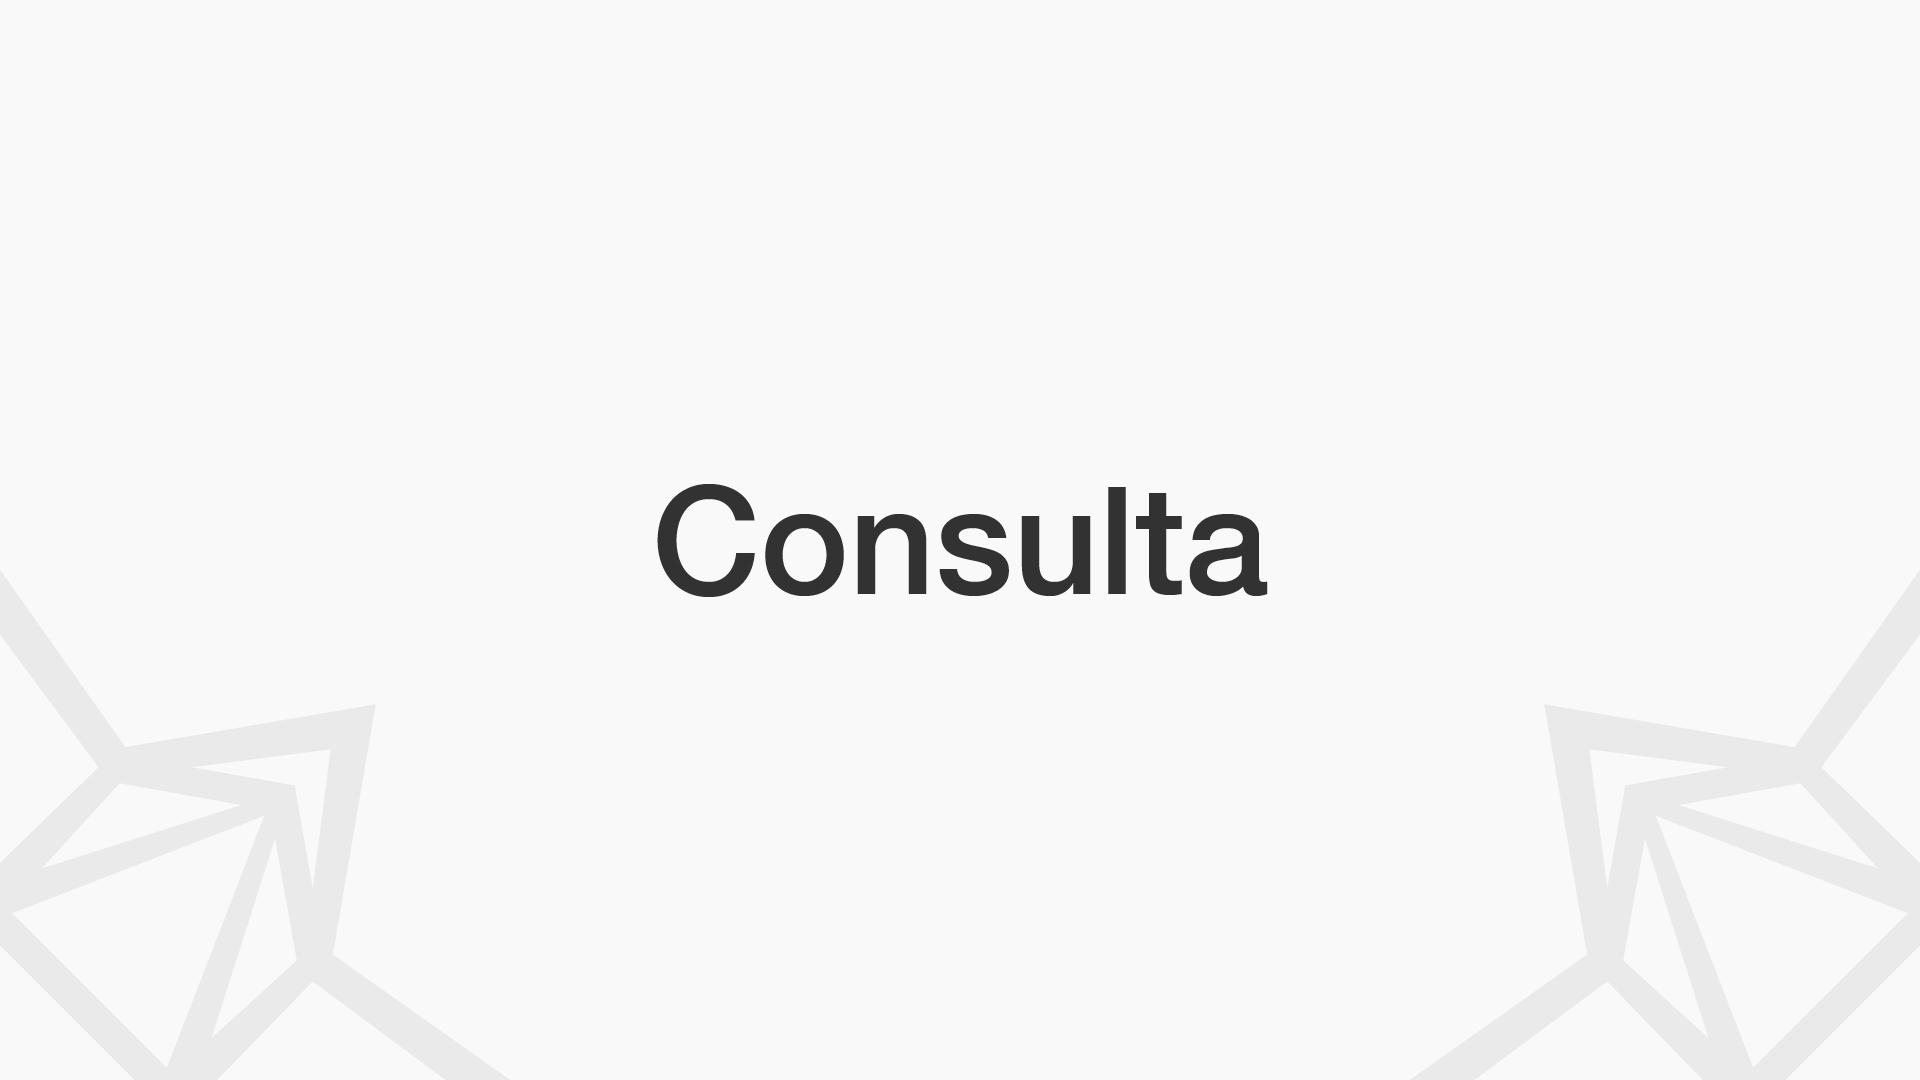 abacatania consulta